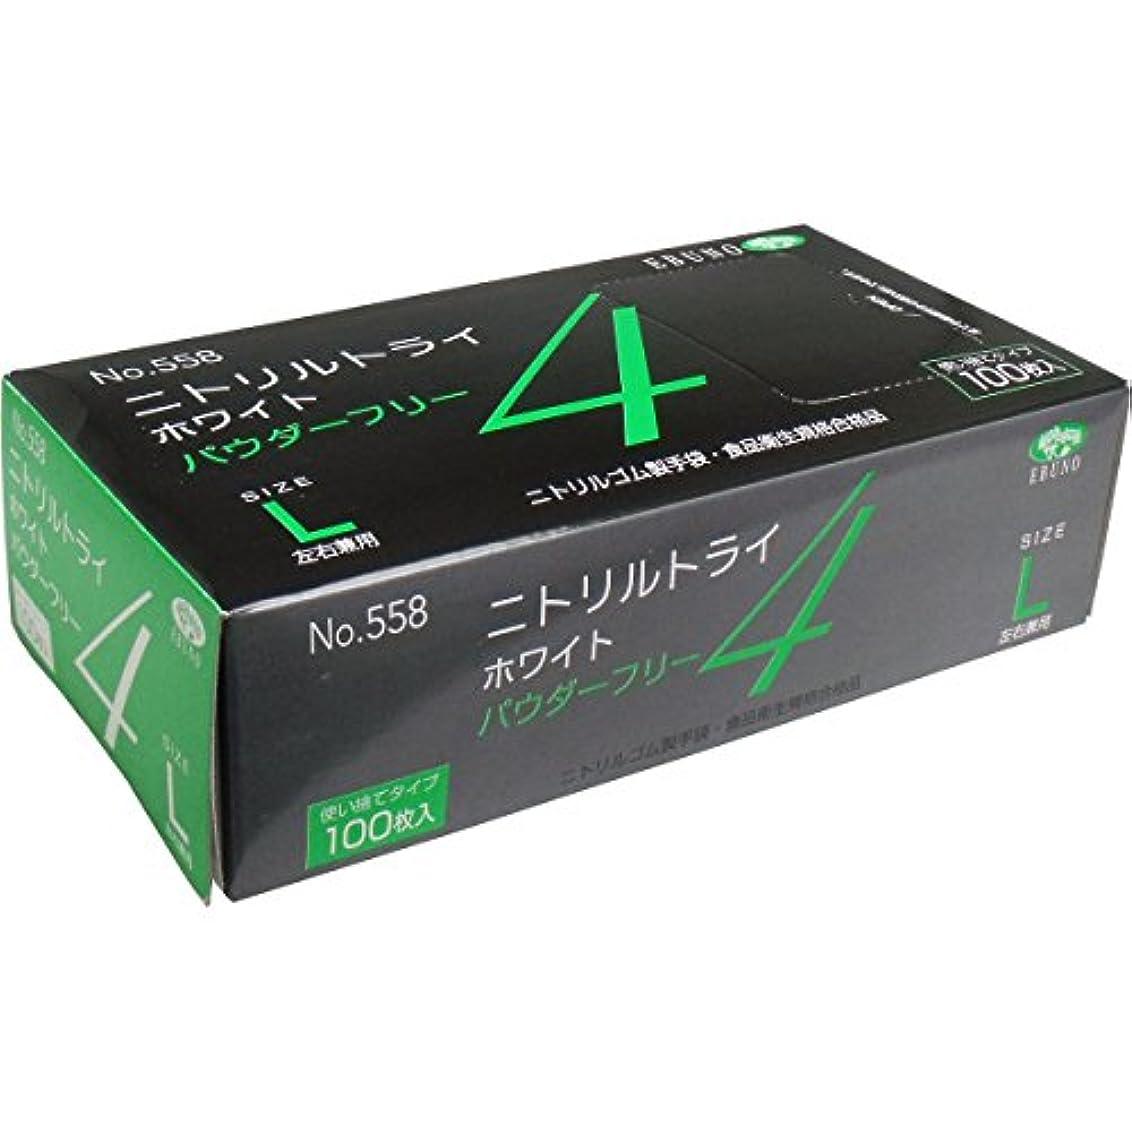 り芸術的腰ニトリルトライ4 手袋 ホワイト パウダーフリー Lサイズ 100枚入(単品)